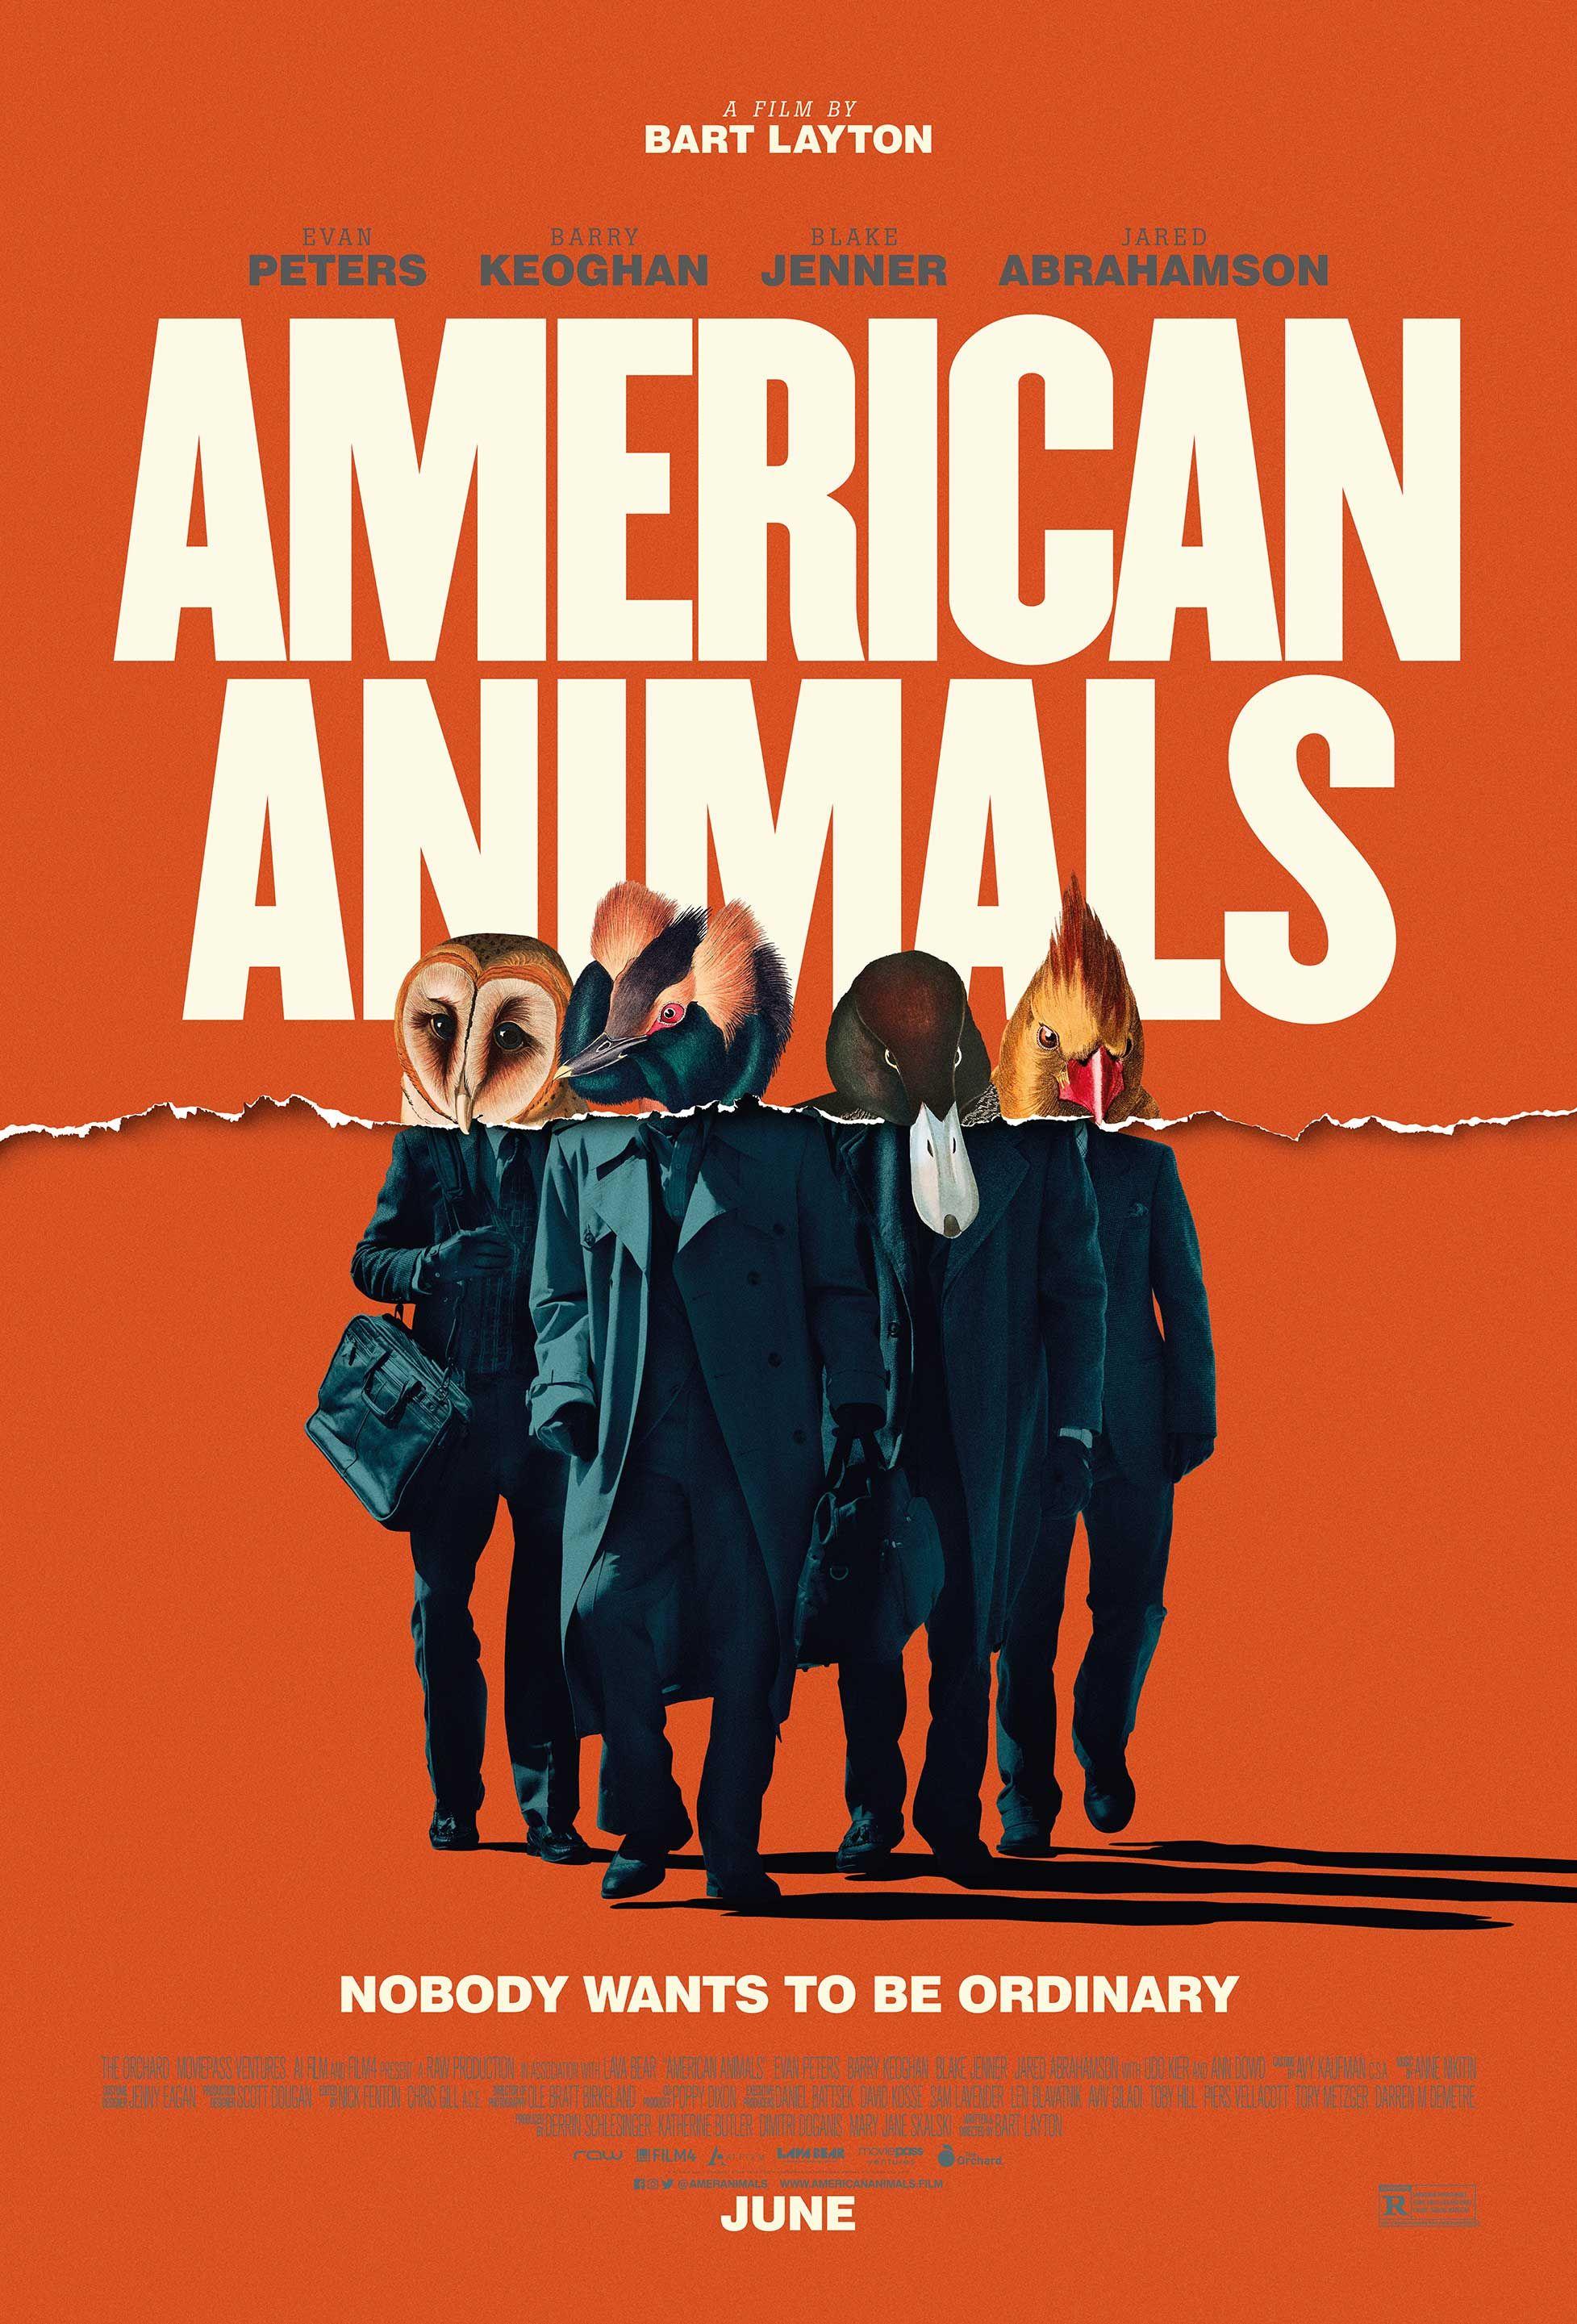 American Animals Poster HD Film, Evan peters, Sinema